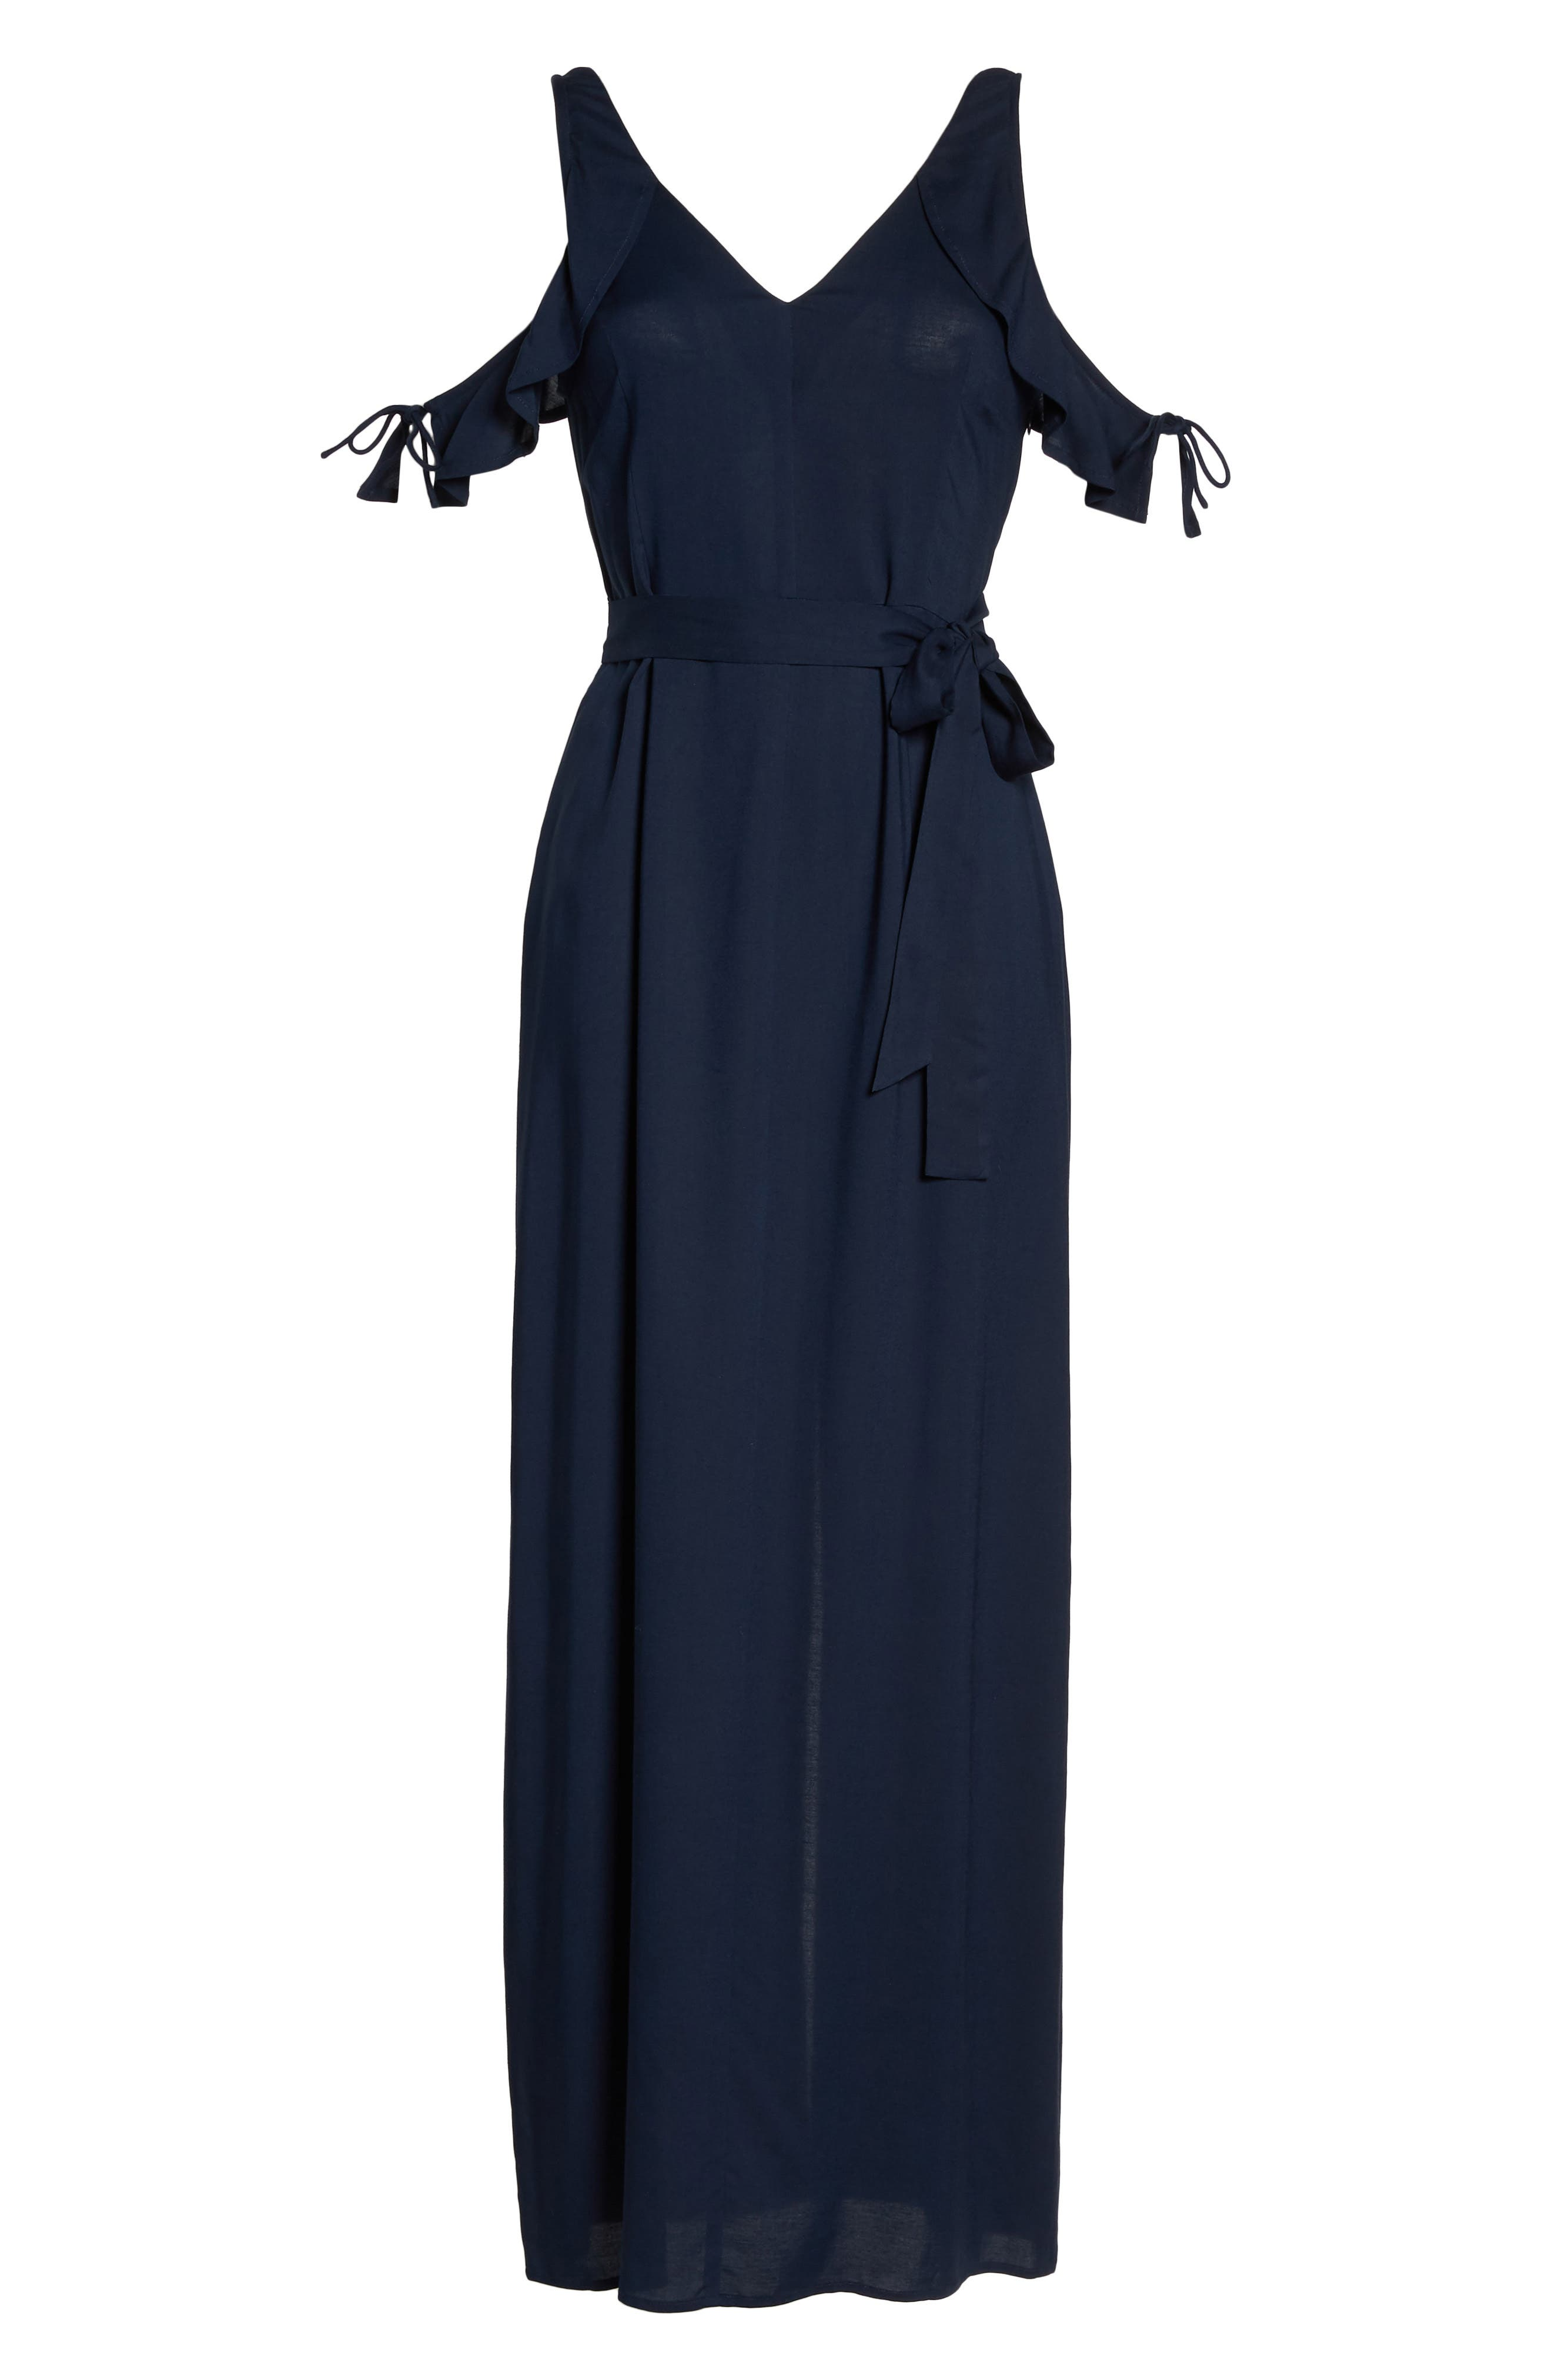 Lystra Cold Shoulder Maxi Dress,                             Alternate thumbnail 6, color,                             Dark Ink Blue